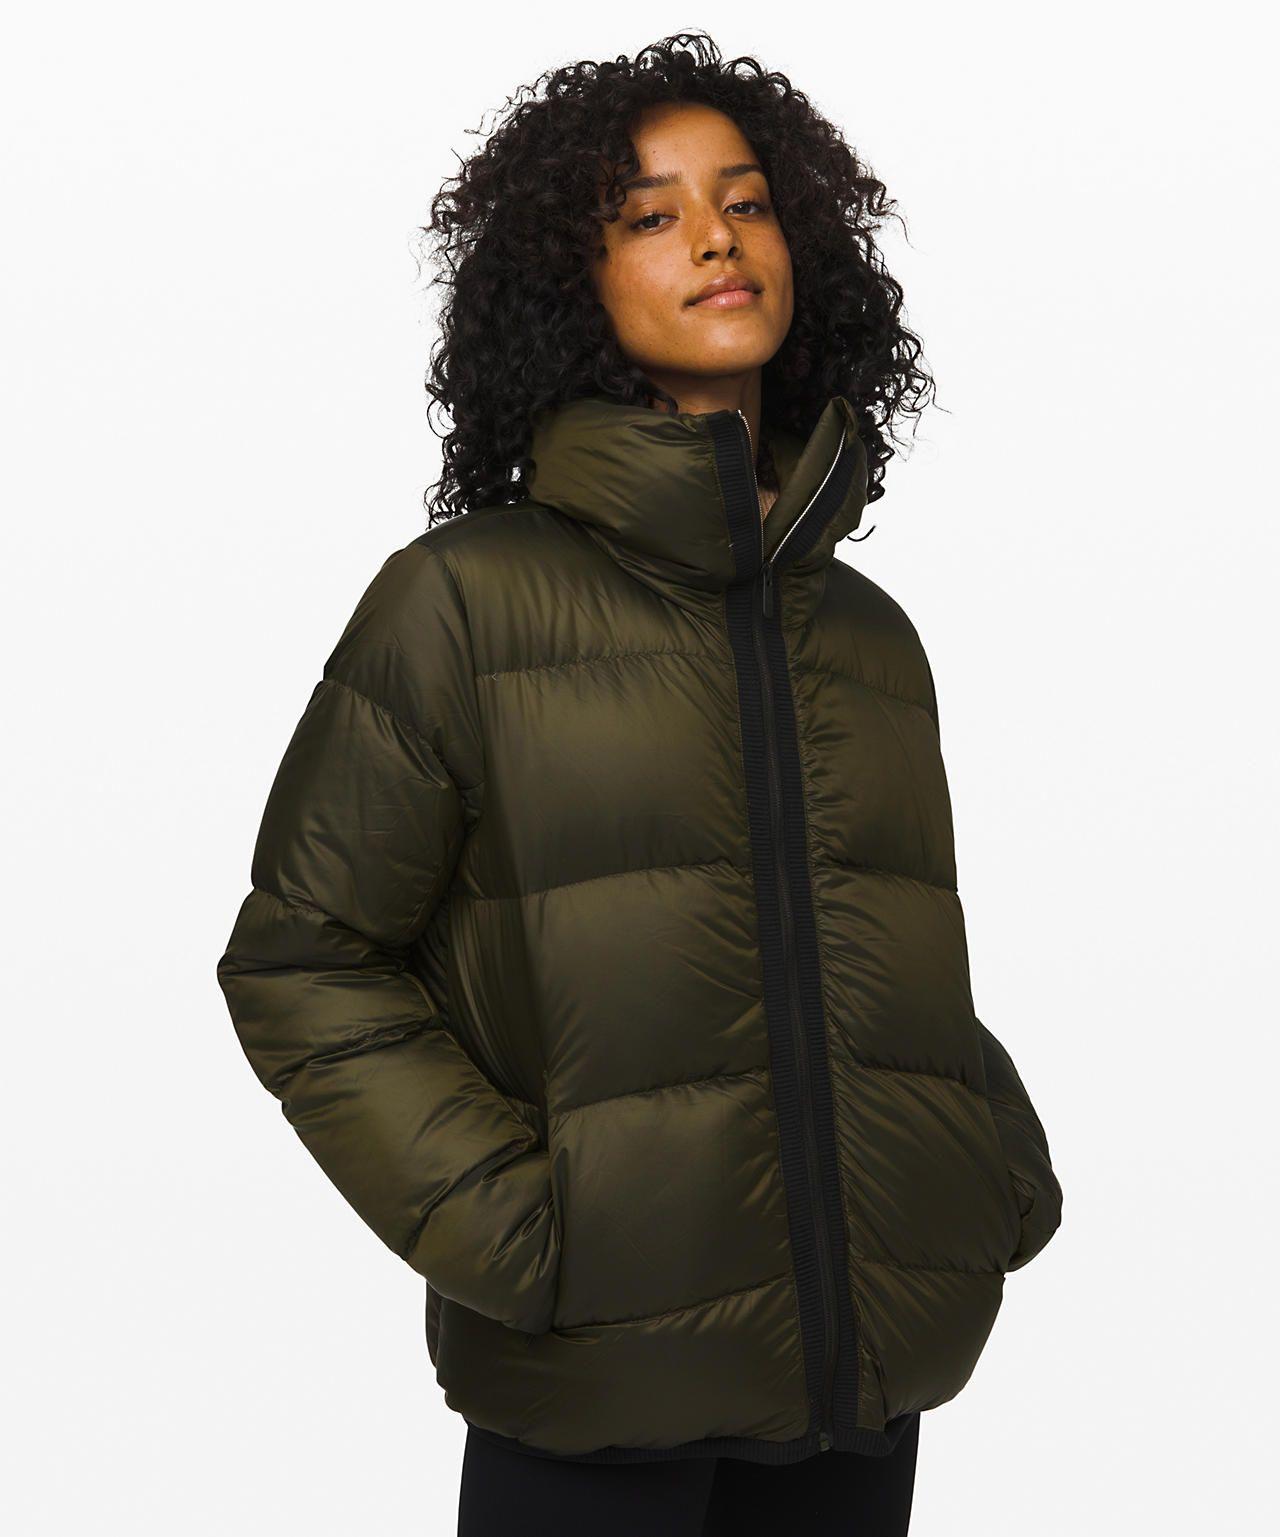 Cloudscape Jacket Women S Jackets Outerwear Lululemon Athletica Jackets How To Wear Ankle Boots Women S Coats Jackets [ 1537 x 1280 Pixel ]